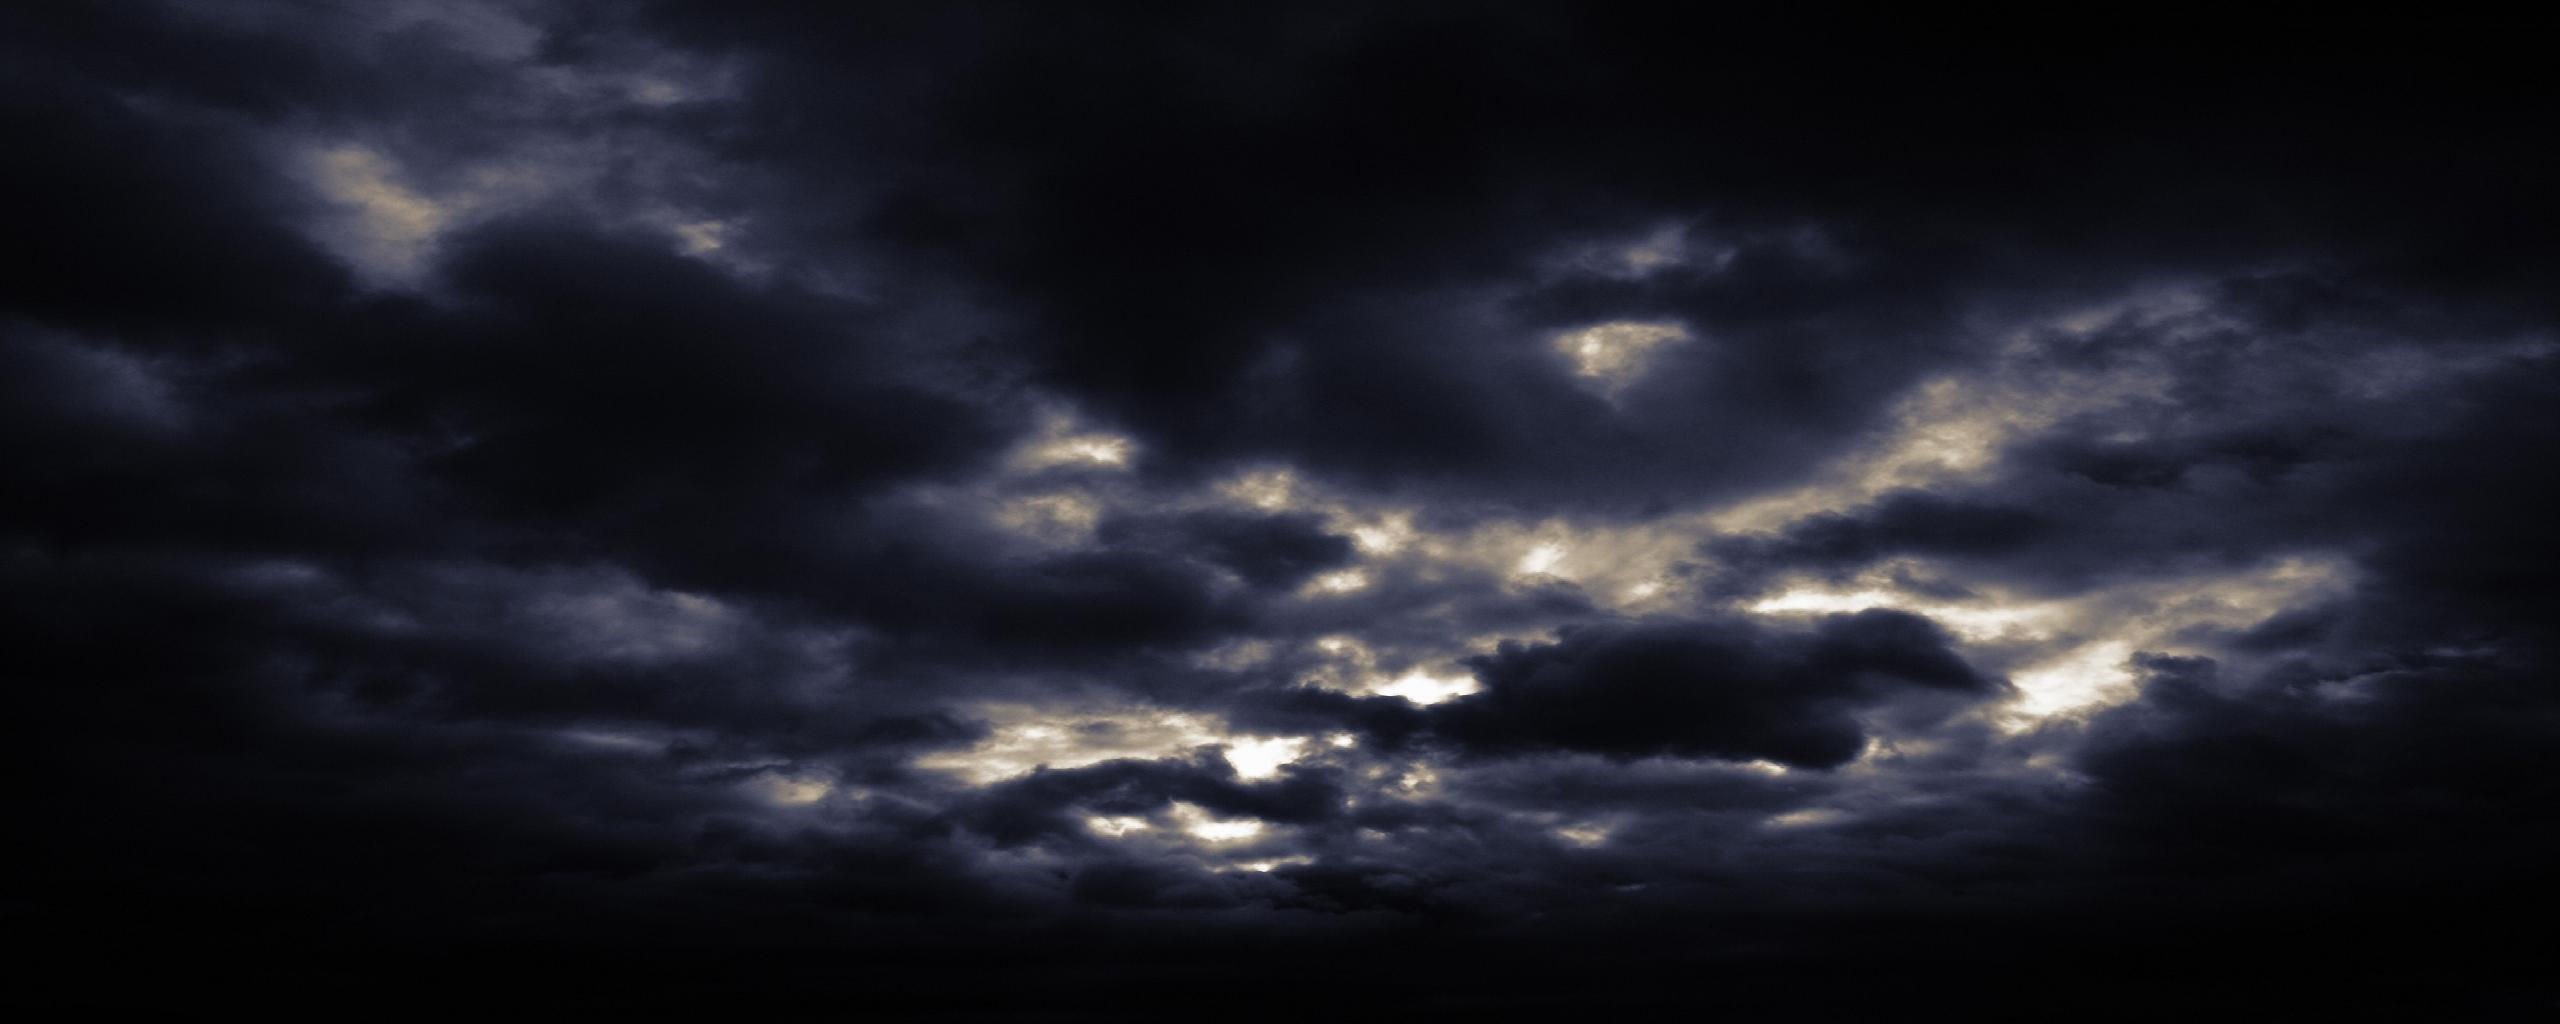 Hd wallpaper darkness - Dark Sky Wallpaper Download 23940 Hd Pictures Best Wallpaper Photo